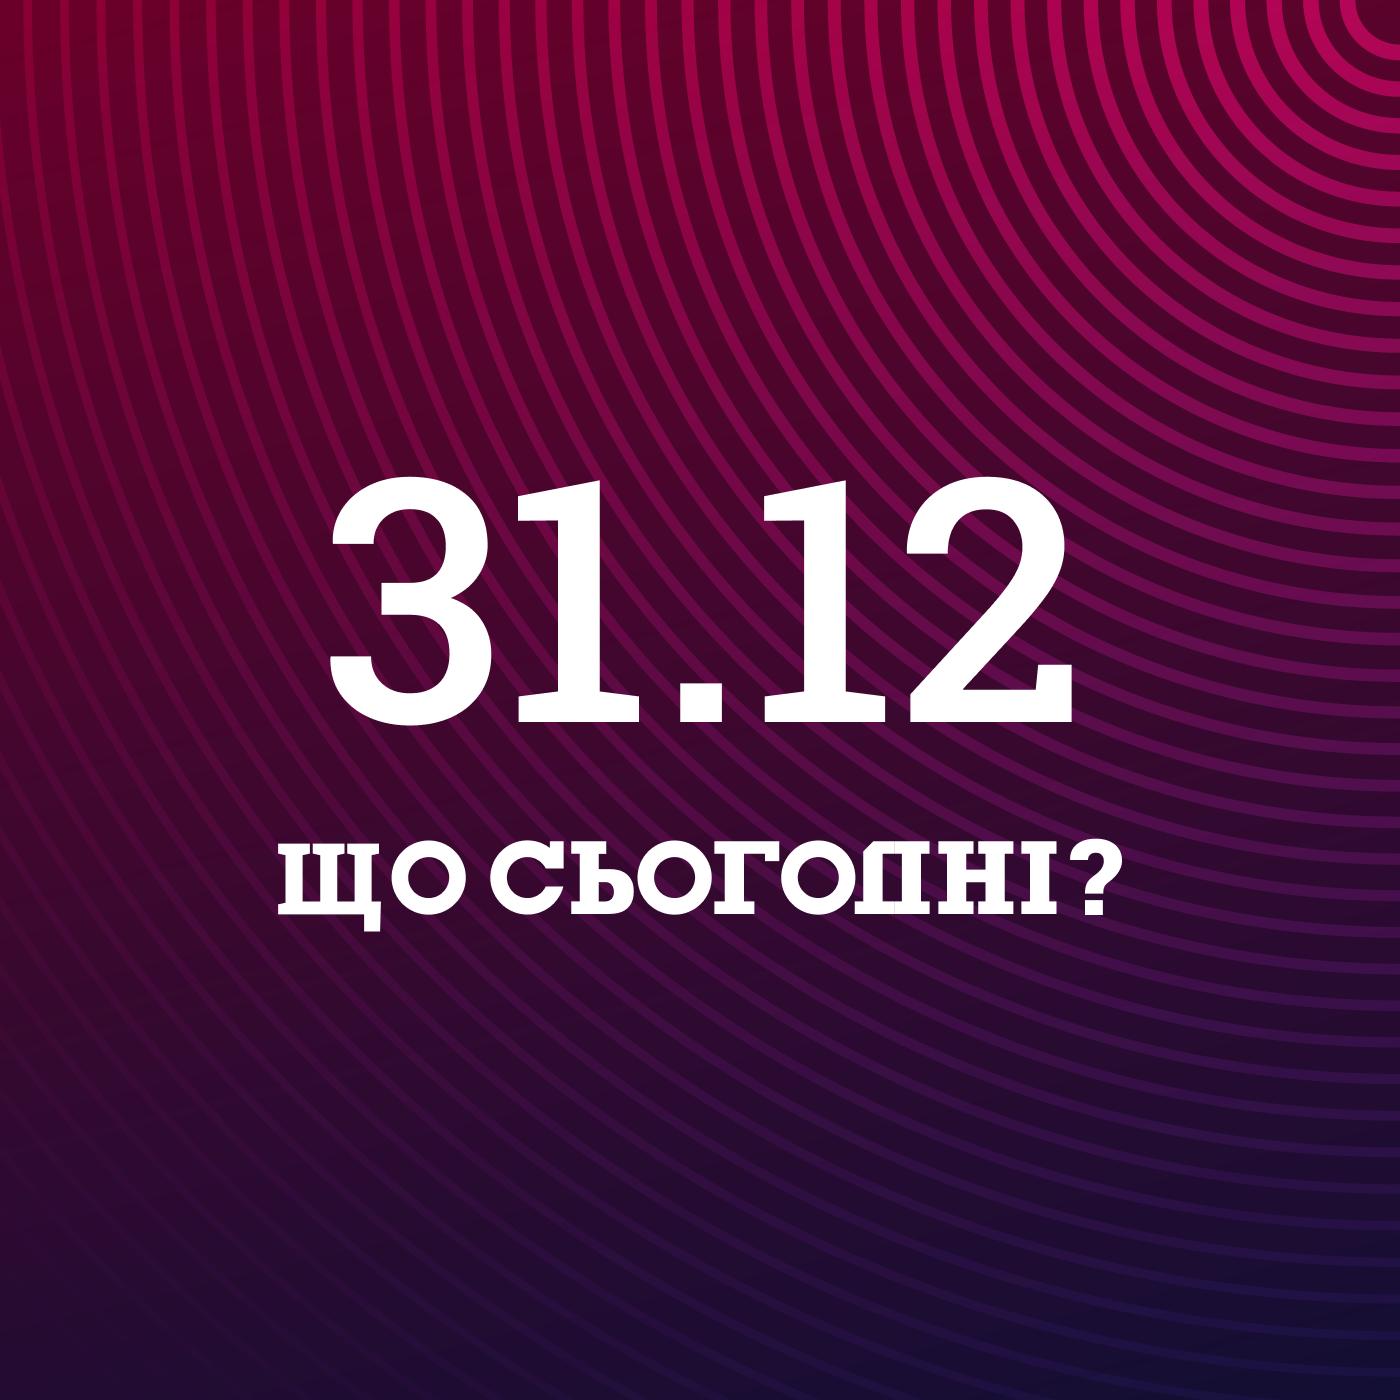 Что сегодня: разбираемся с прогнозами на 2021, поздравляем слушателей с Новым годом